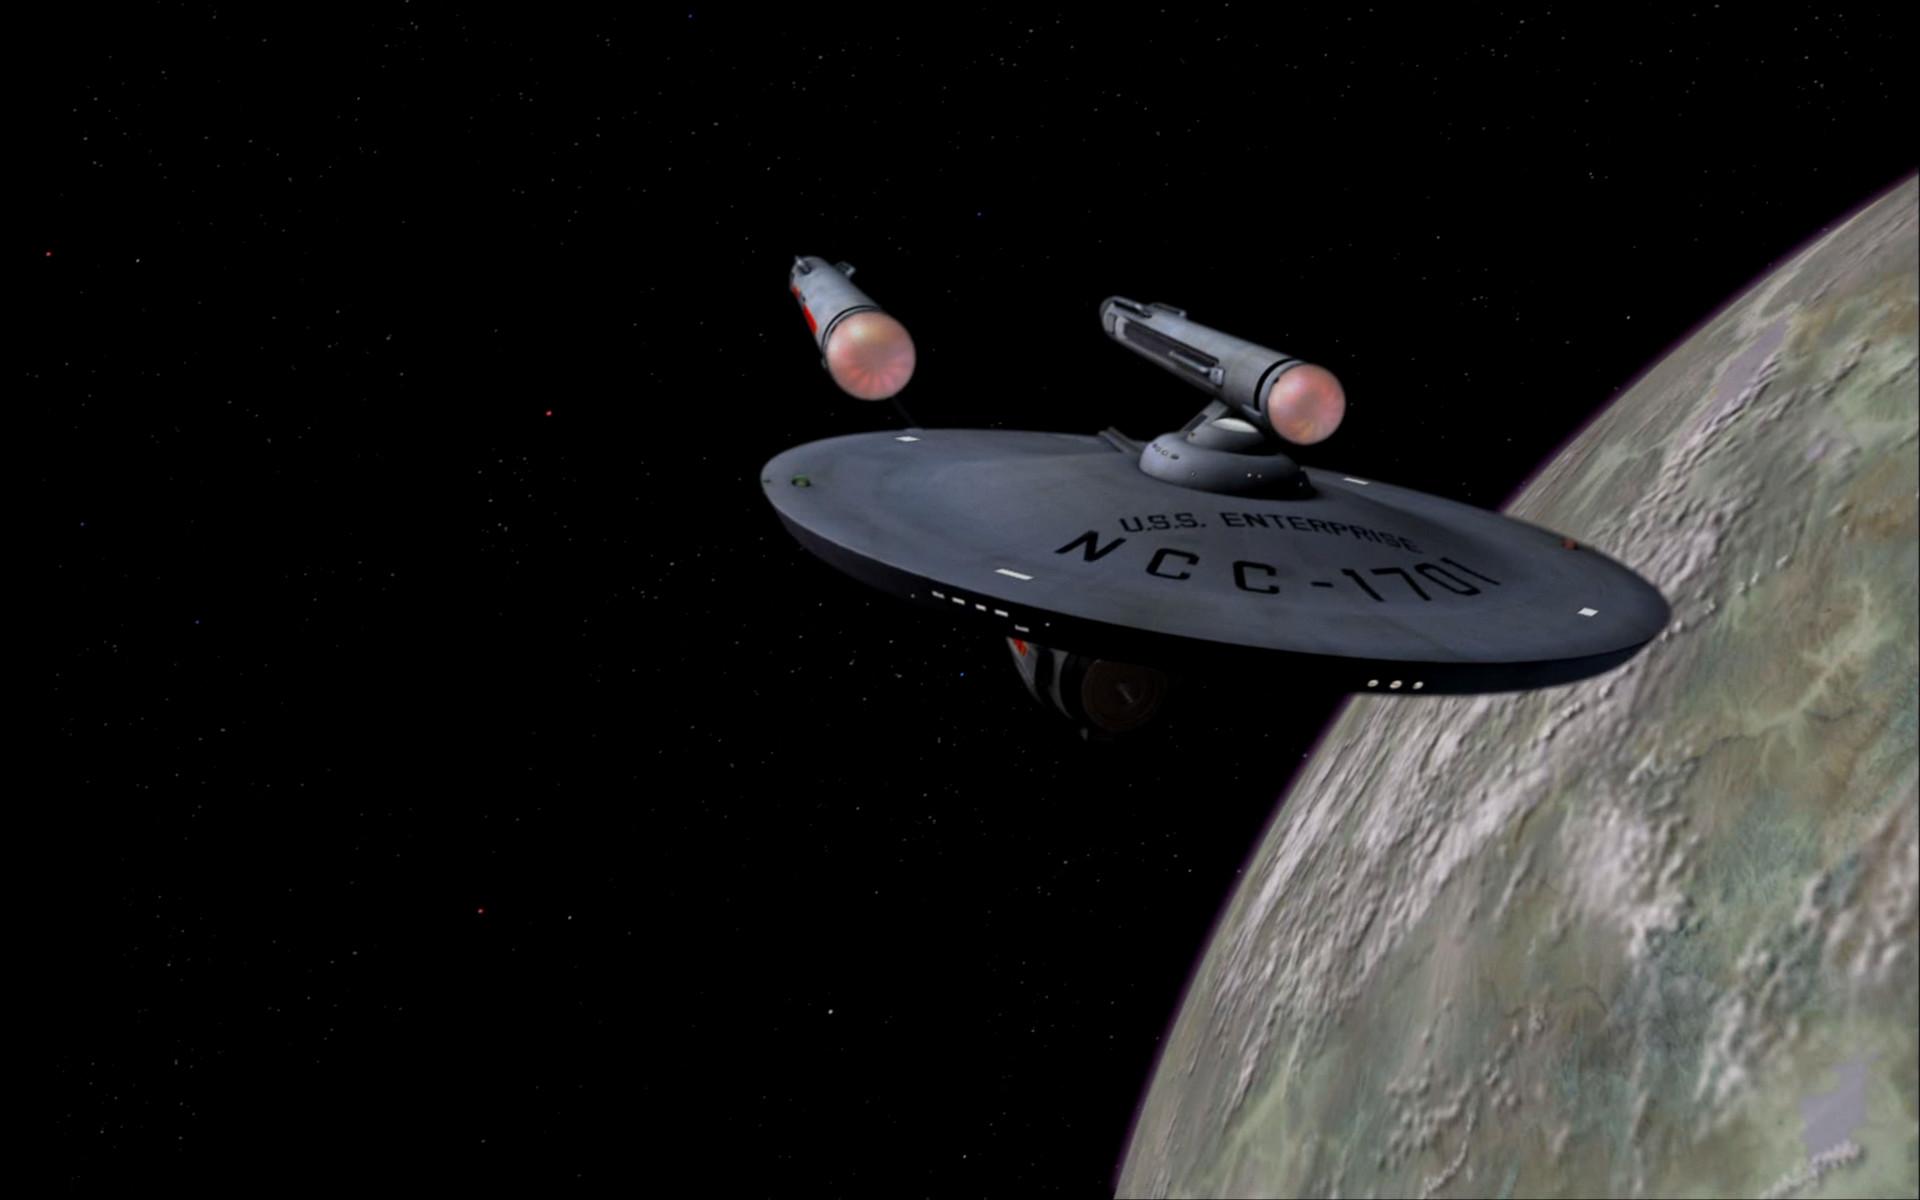 Star Trek Original Series Wallpapers